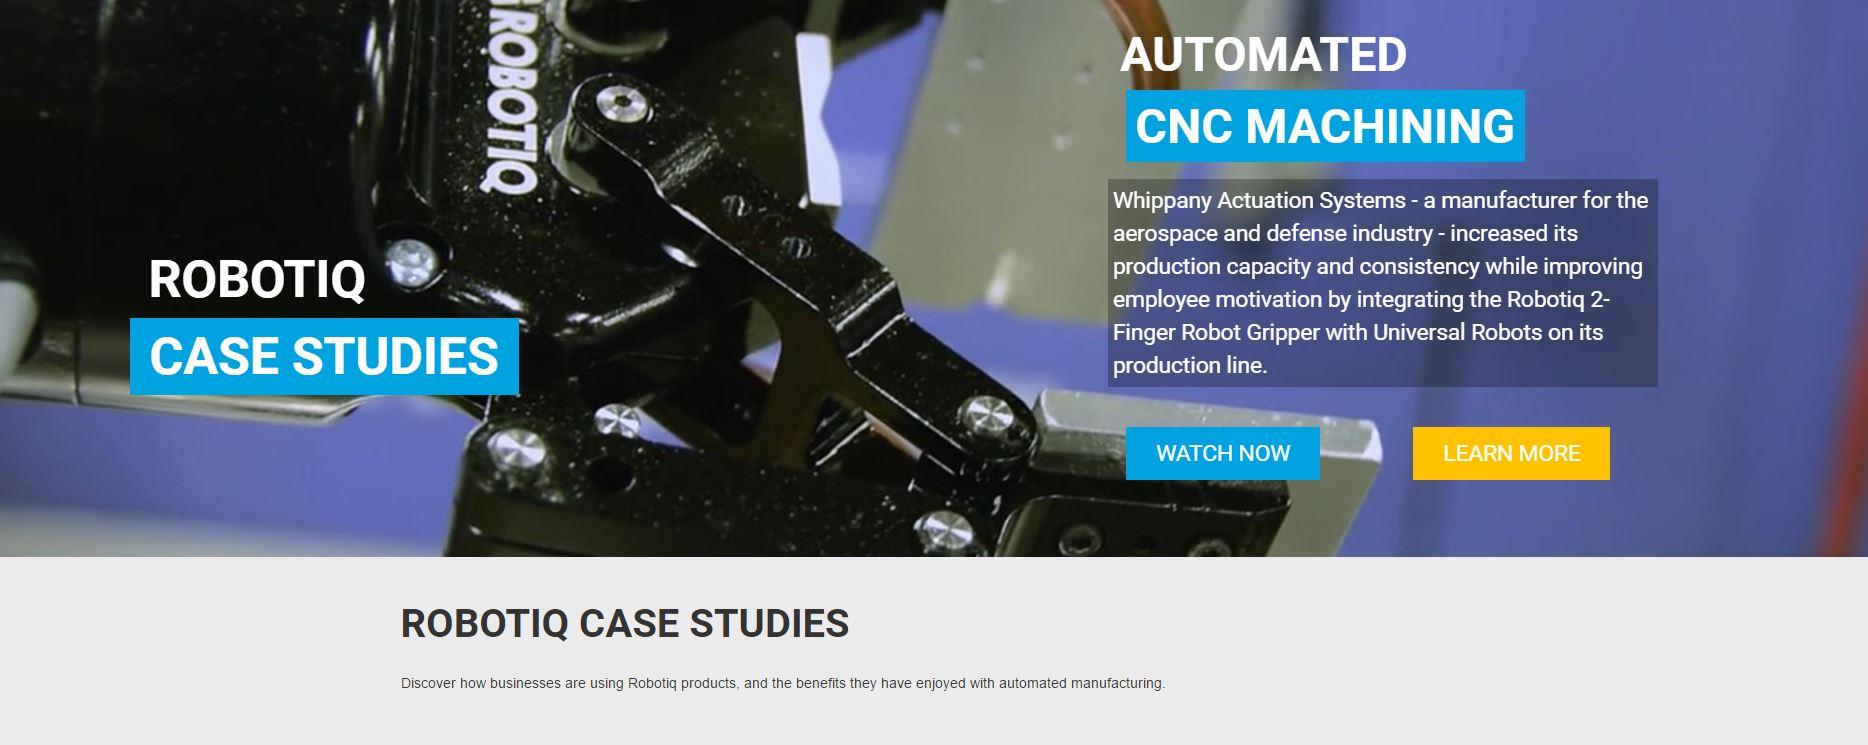 case_studies.jpg